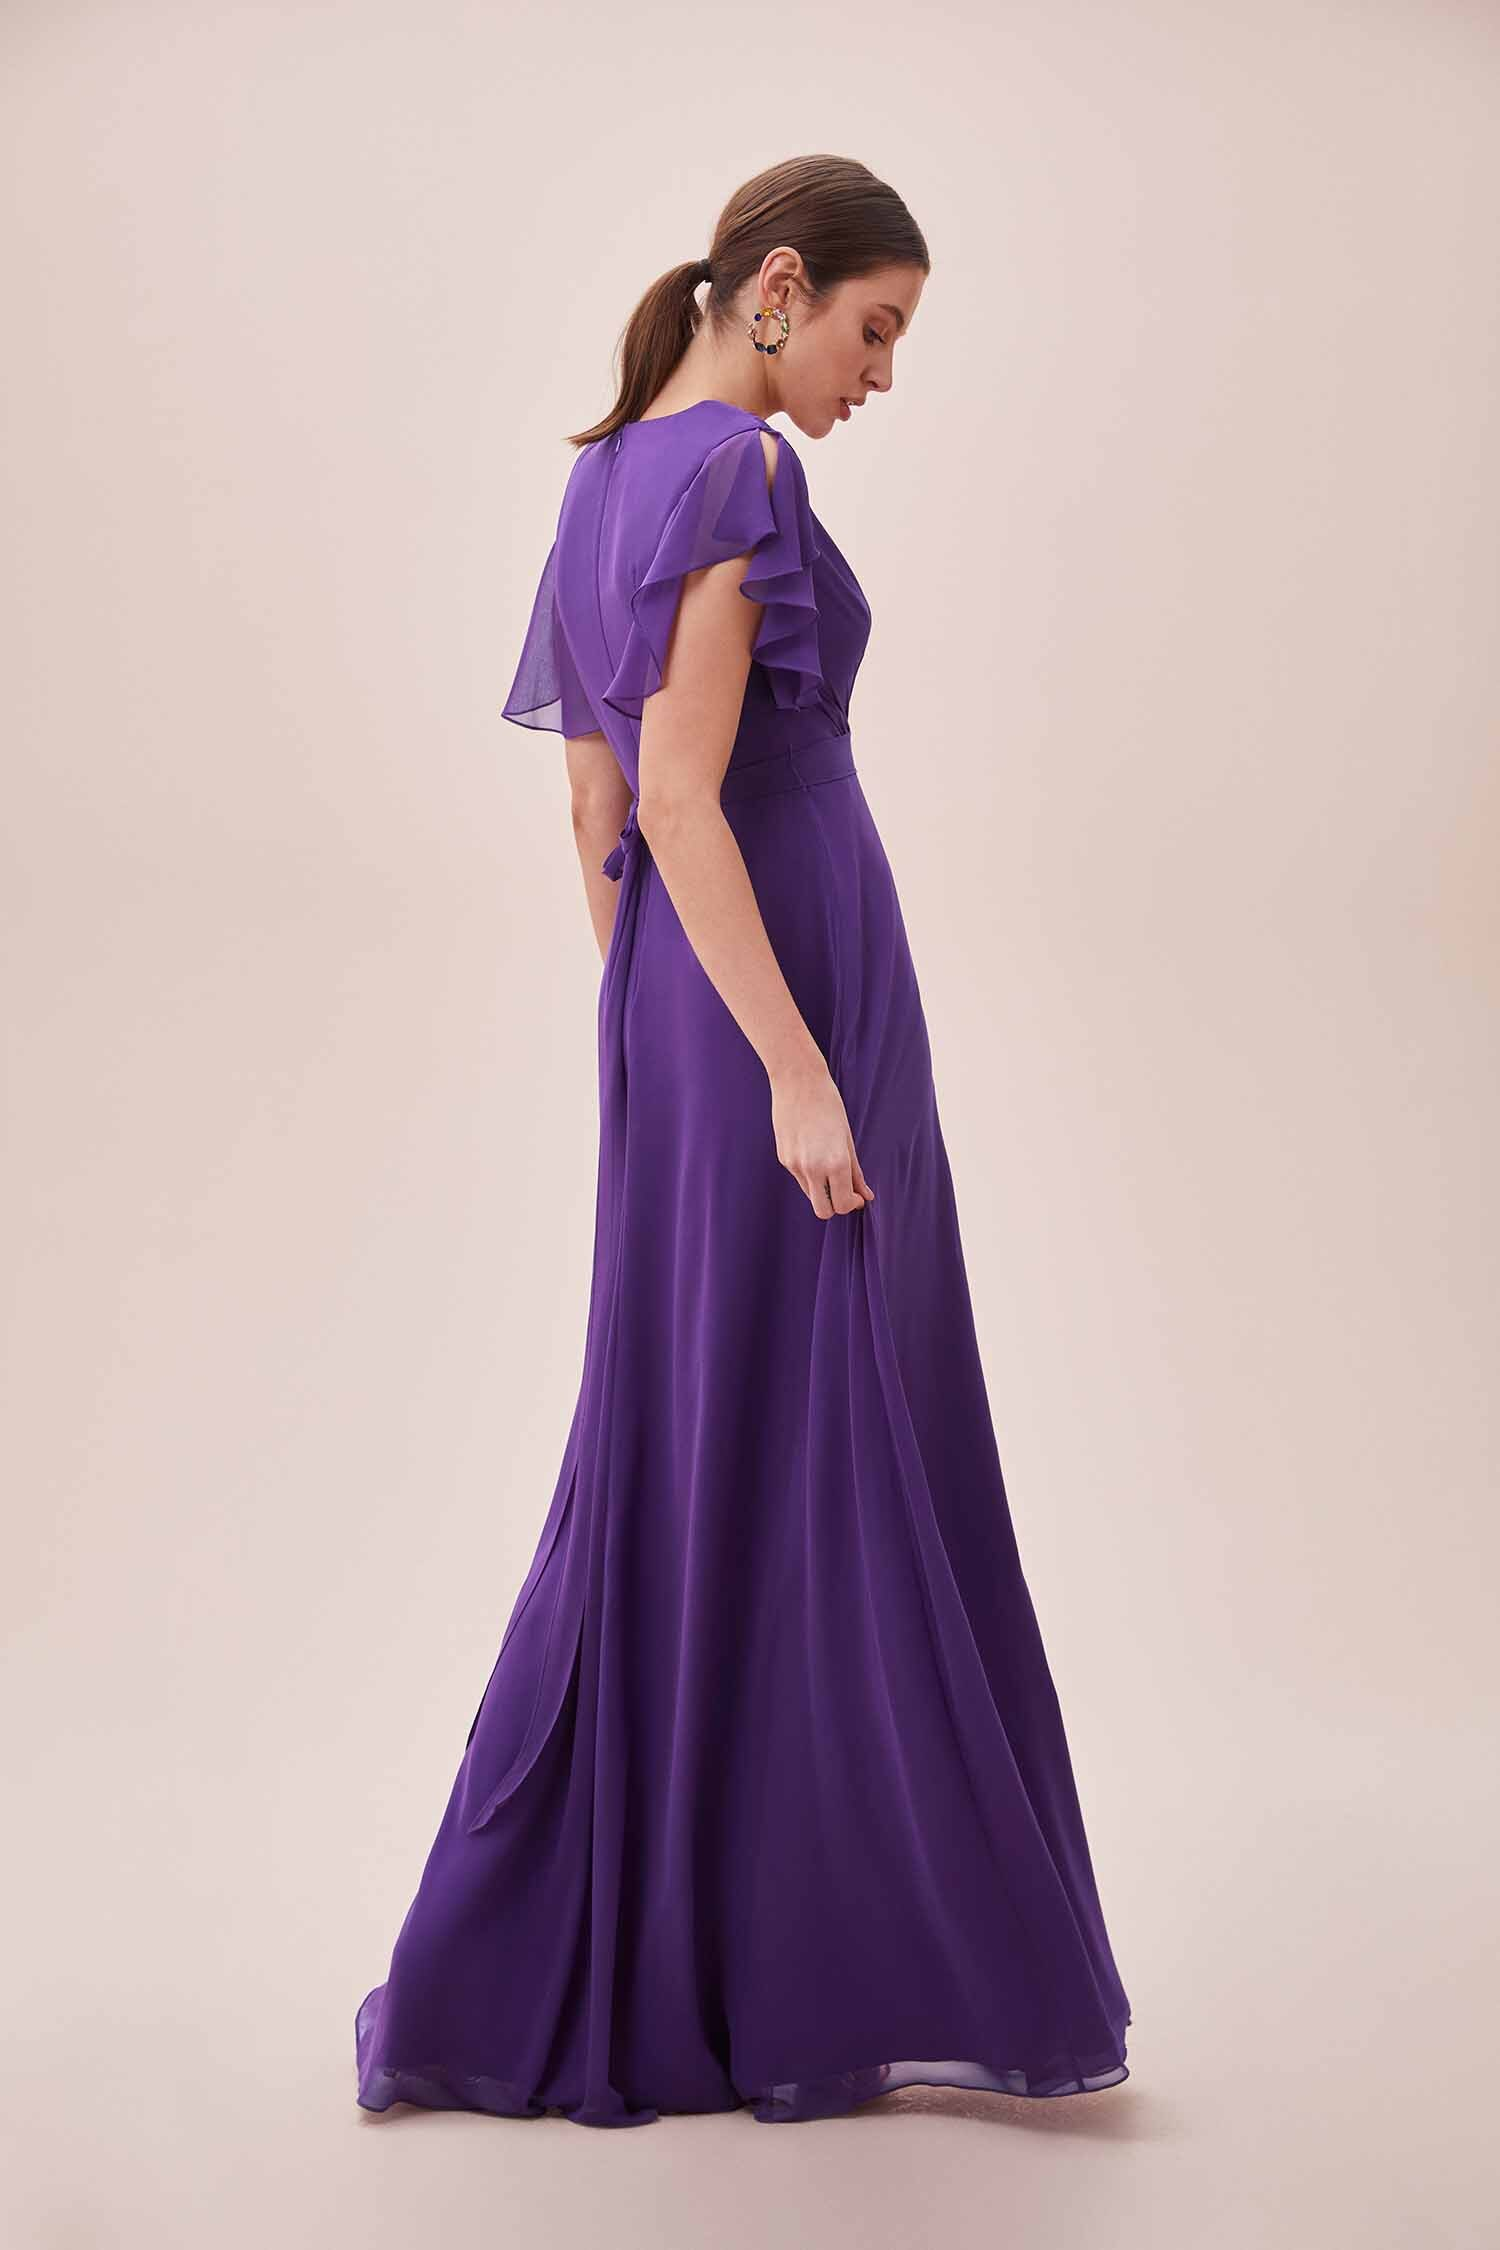 Mor Kruvaze Yaka Kısa Fırfır Kollu Uzun Elbise - Thumbnail